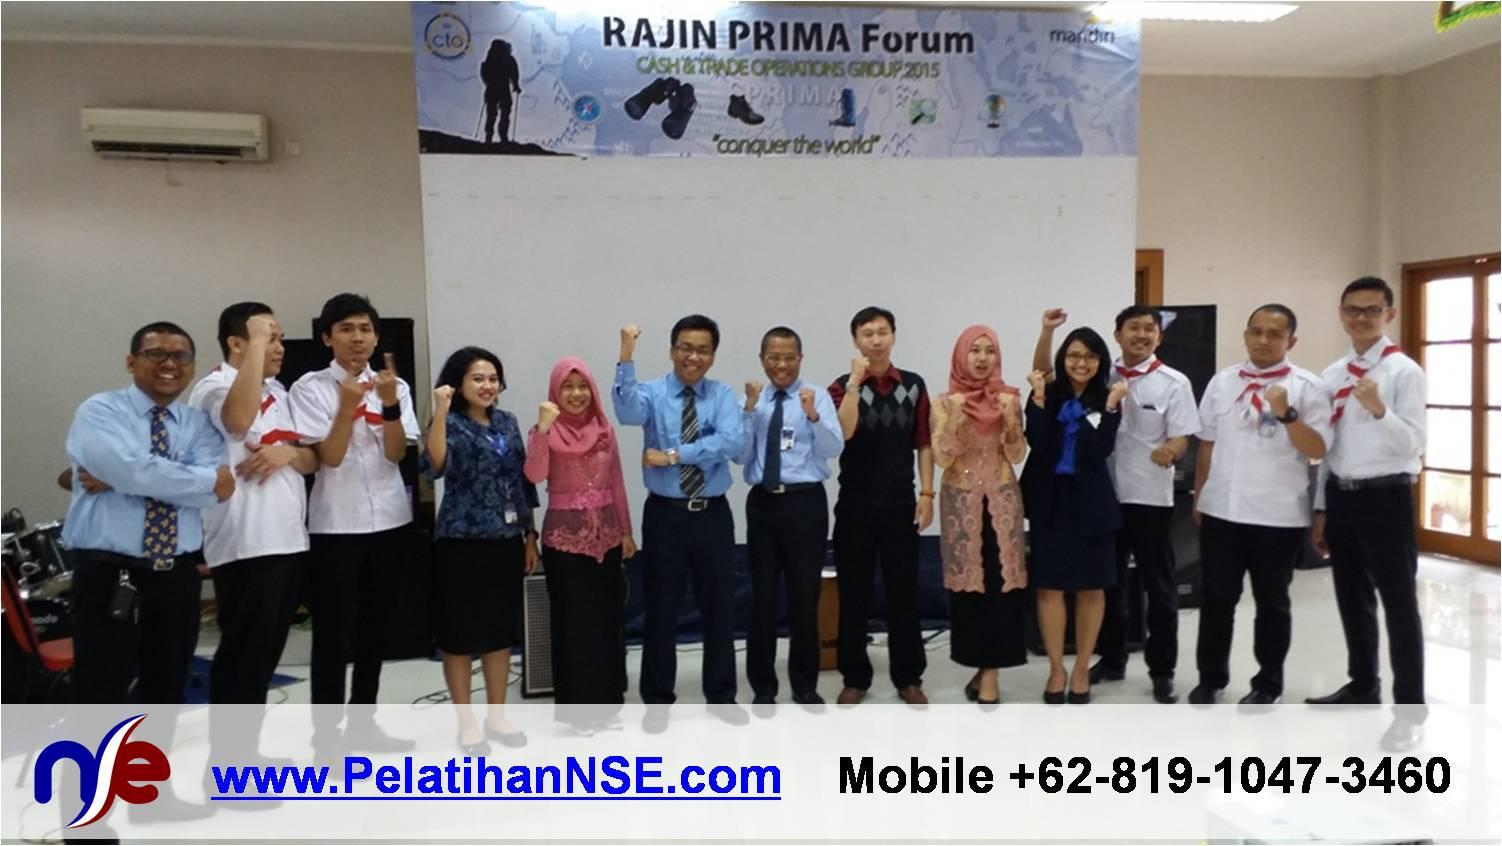 Merdeka untuk Mencintai - Bank Mandiri CTO - Foto Bersama VP Pak Agus Retmono dan tim